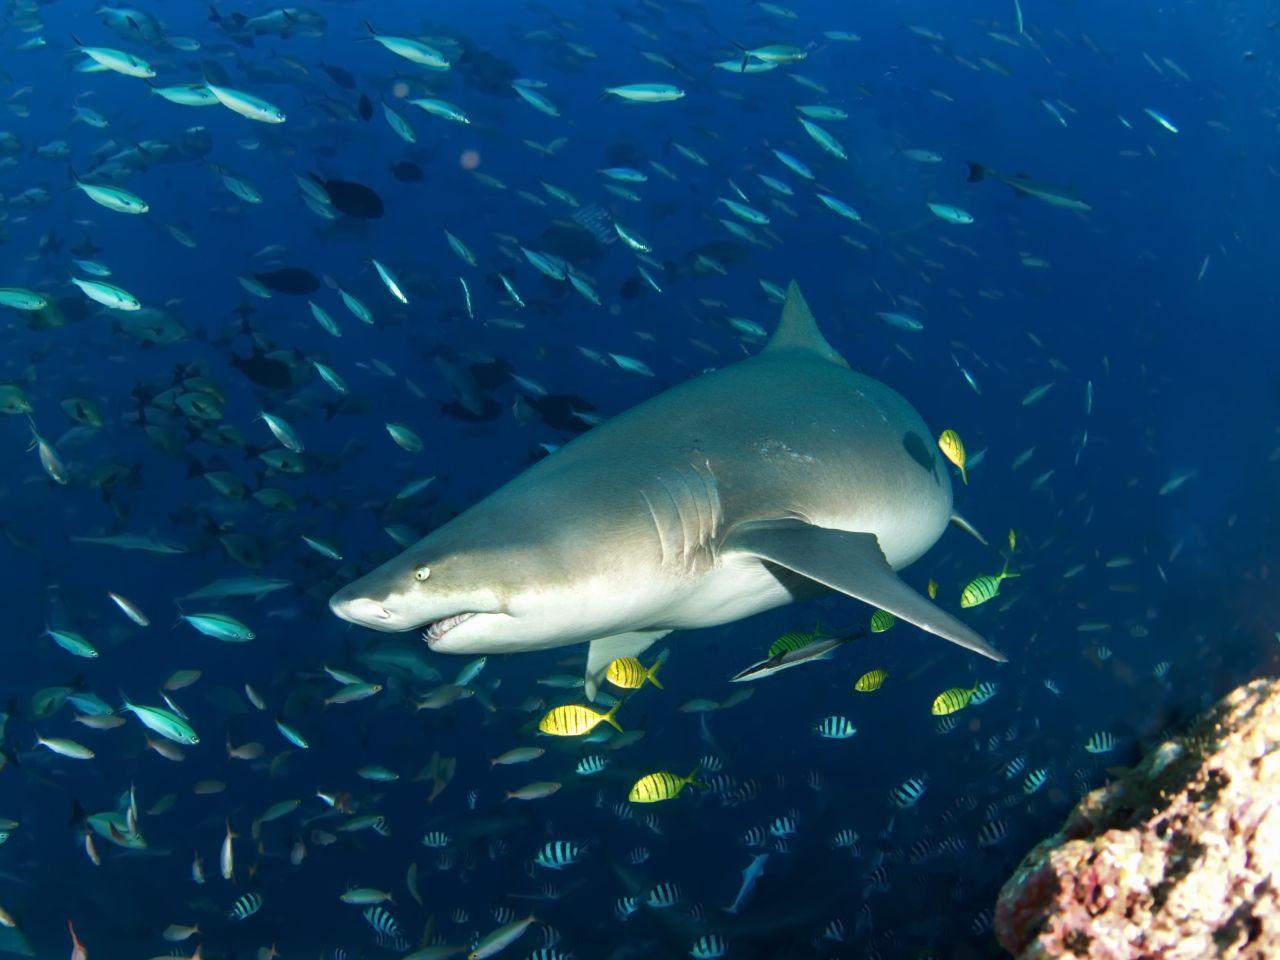 Madagaskarinis aštriadantis ryklys - nardymas Fidžyje